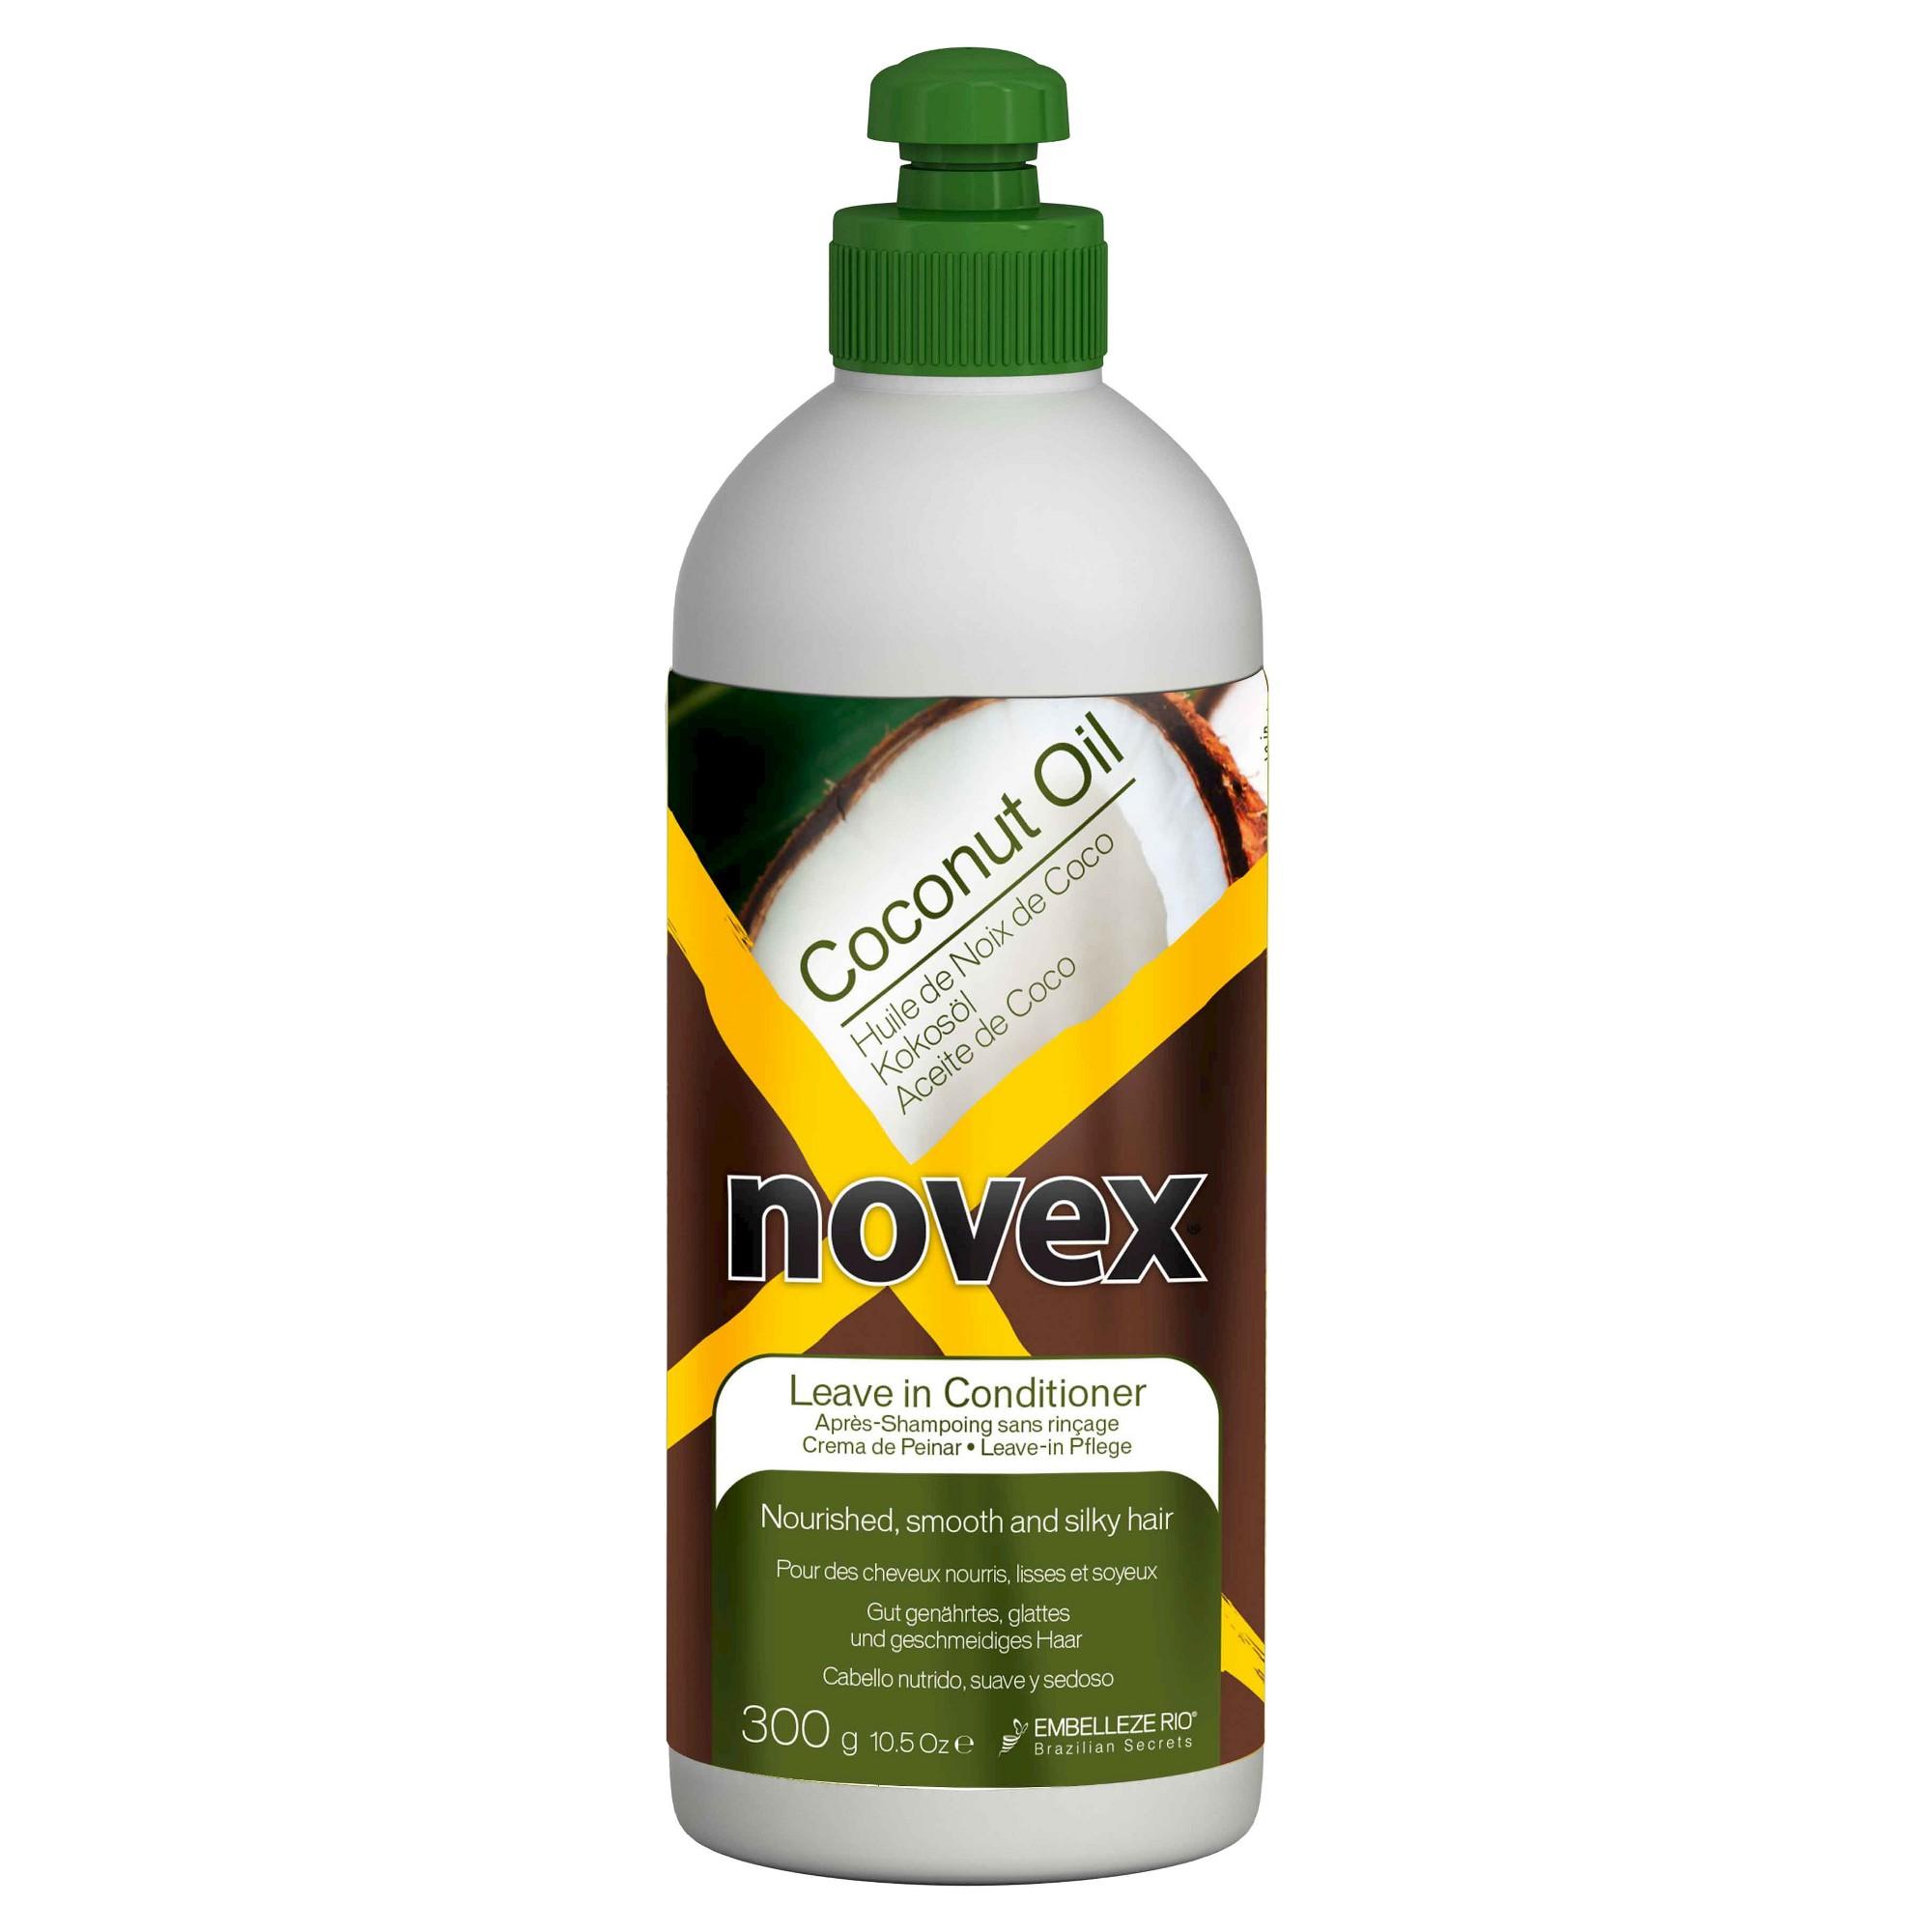 Novex Coconut Oil Leave In Conditioner 10.5 fl oz